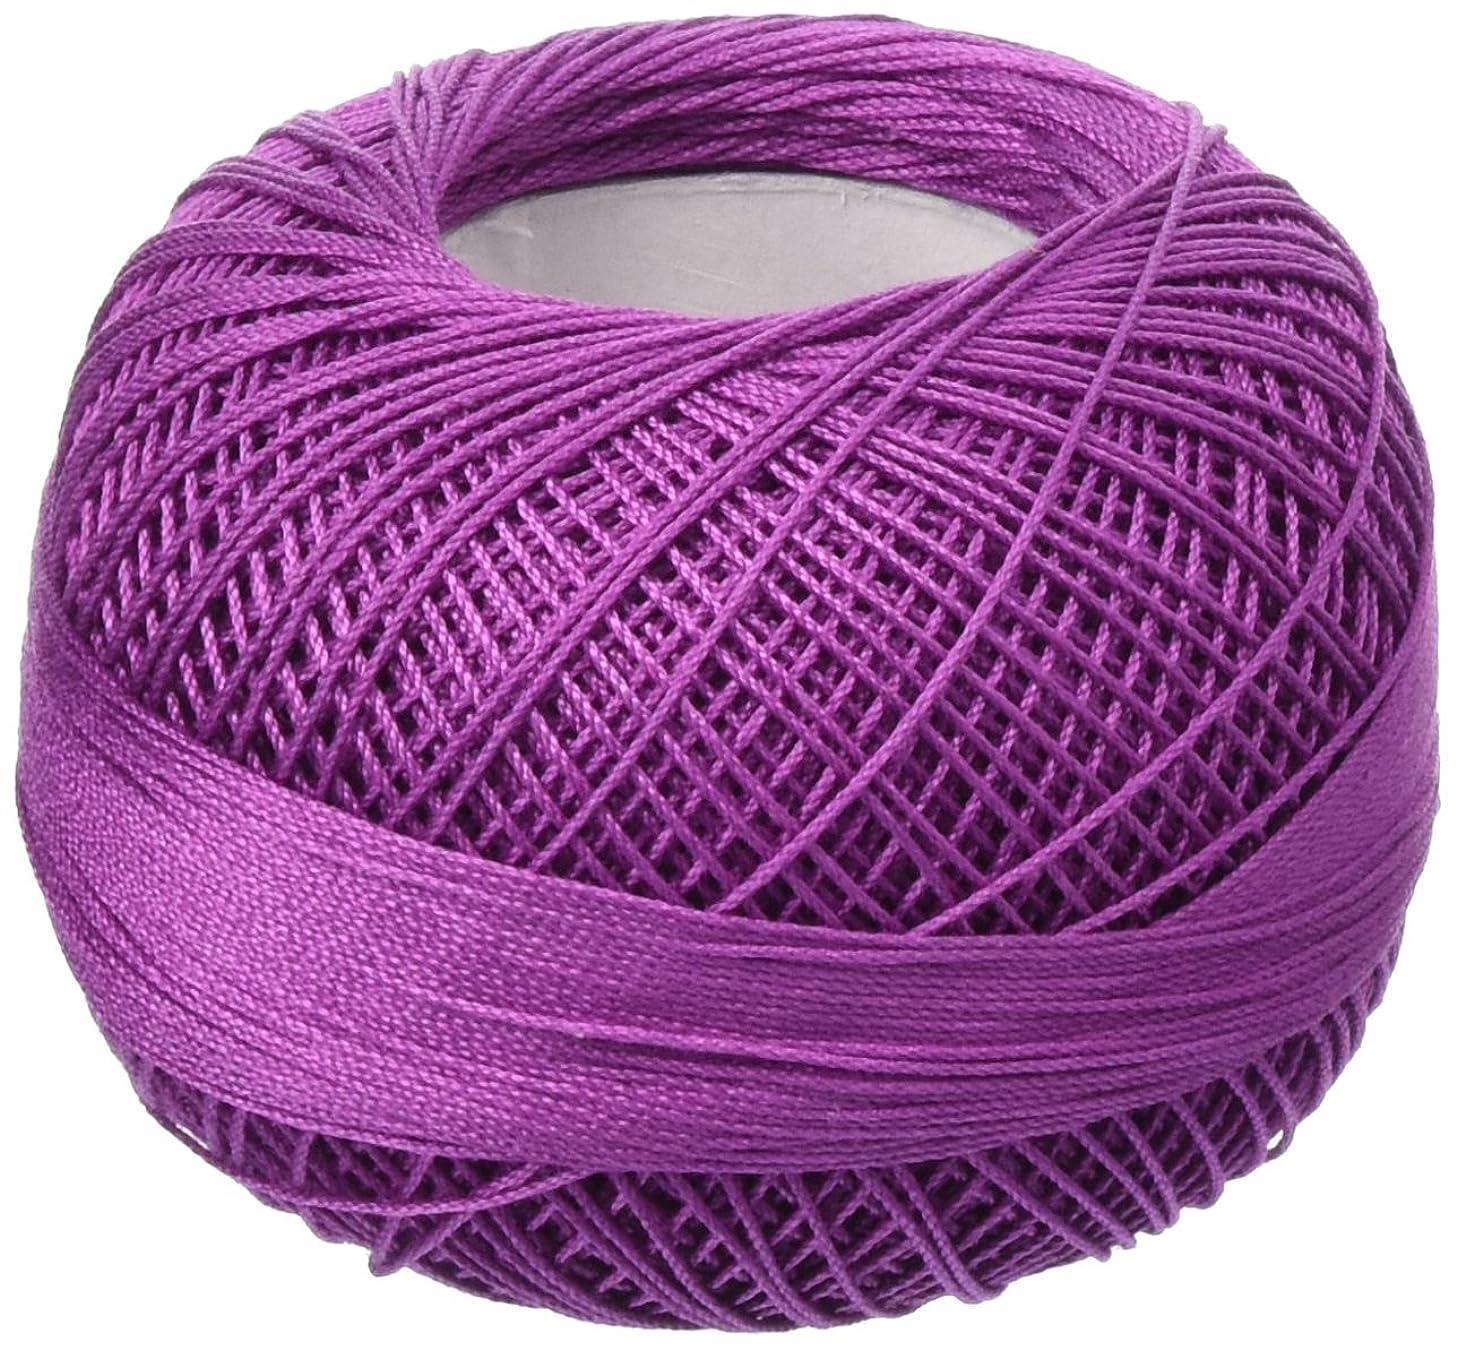 Handy Hands 210-Yard Lizbeth Cotton Thread, 25gm, Dark Violet/Pink